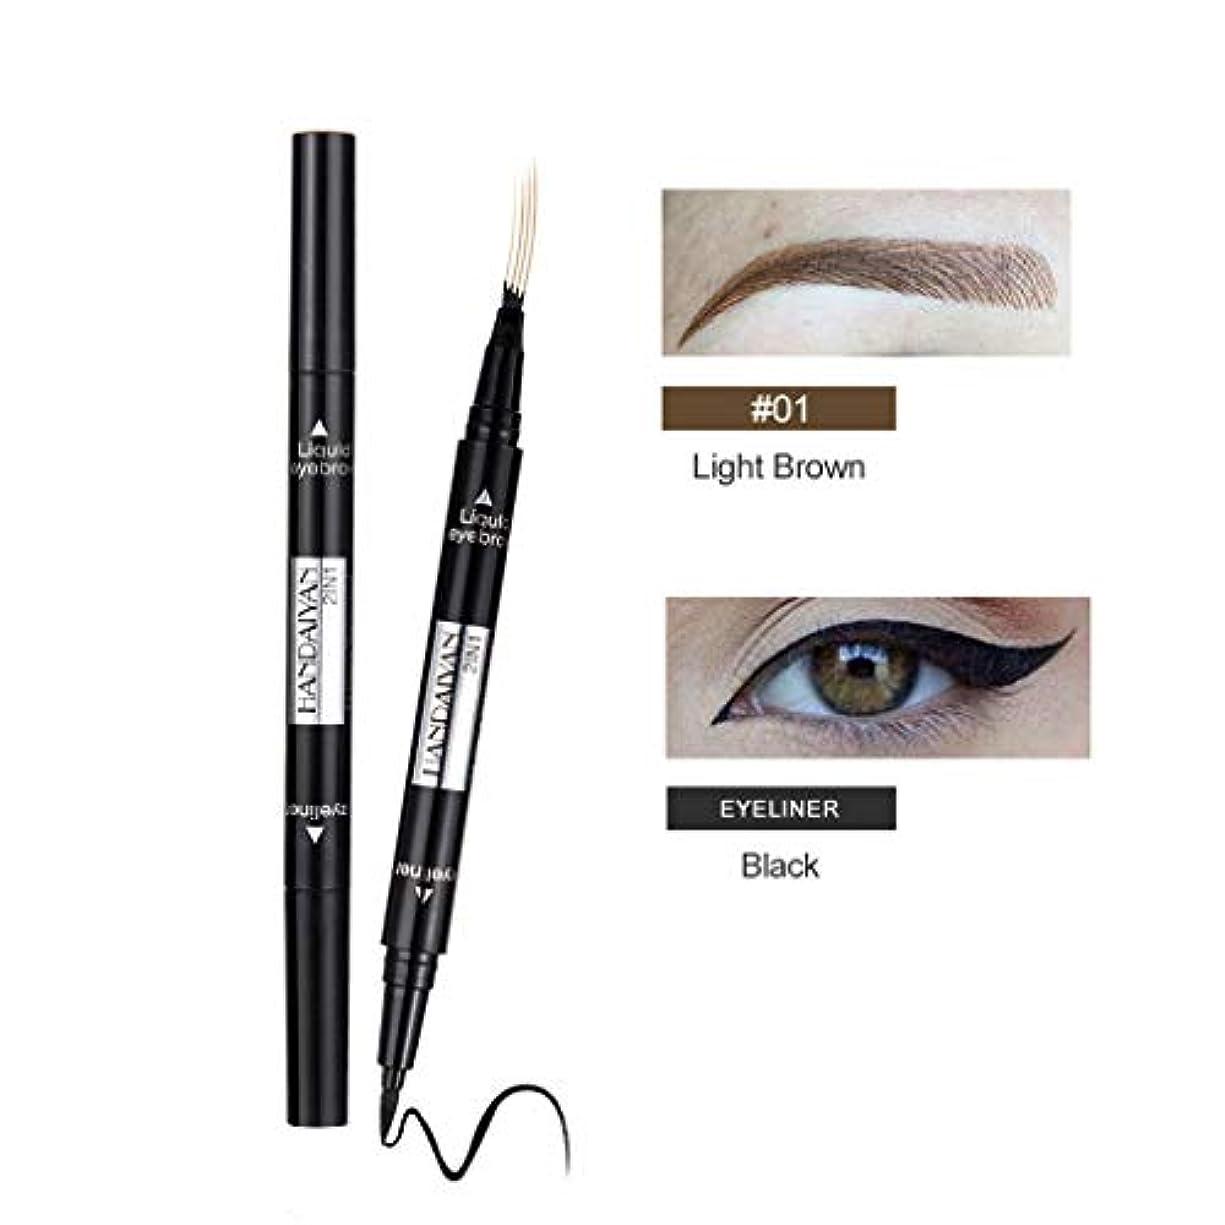 注入遺棄されただらしない眉毛の入れ墨のペンの防水フォークの先端のスケッチの化粧ペンのMicrobladingインクスケッチ